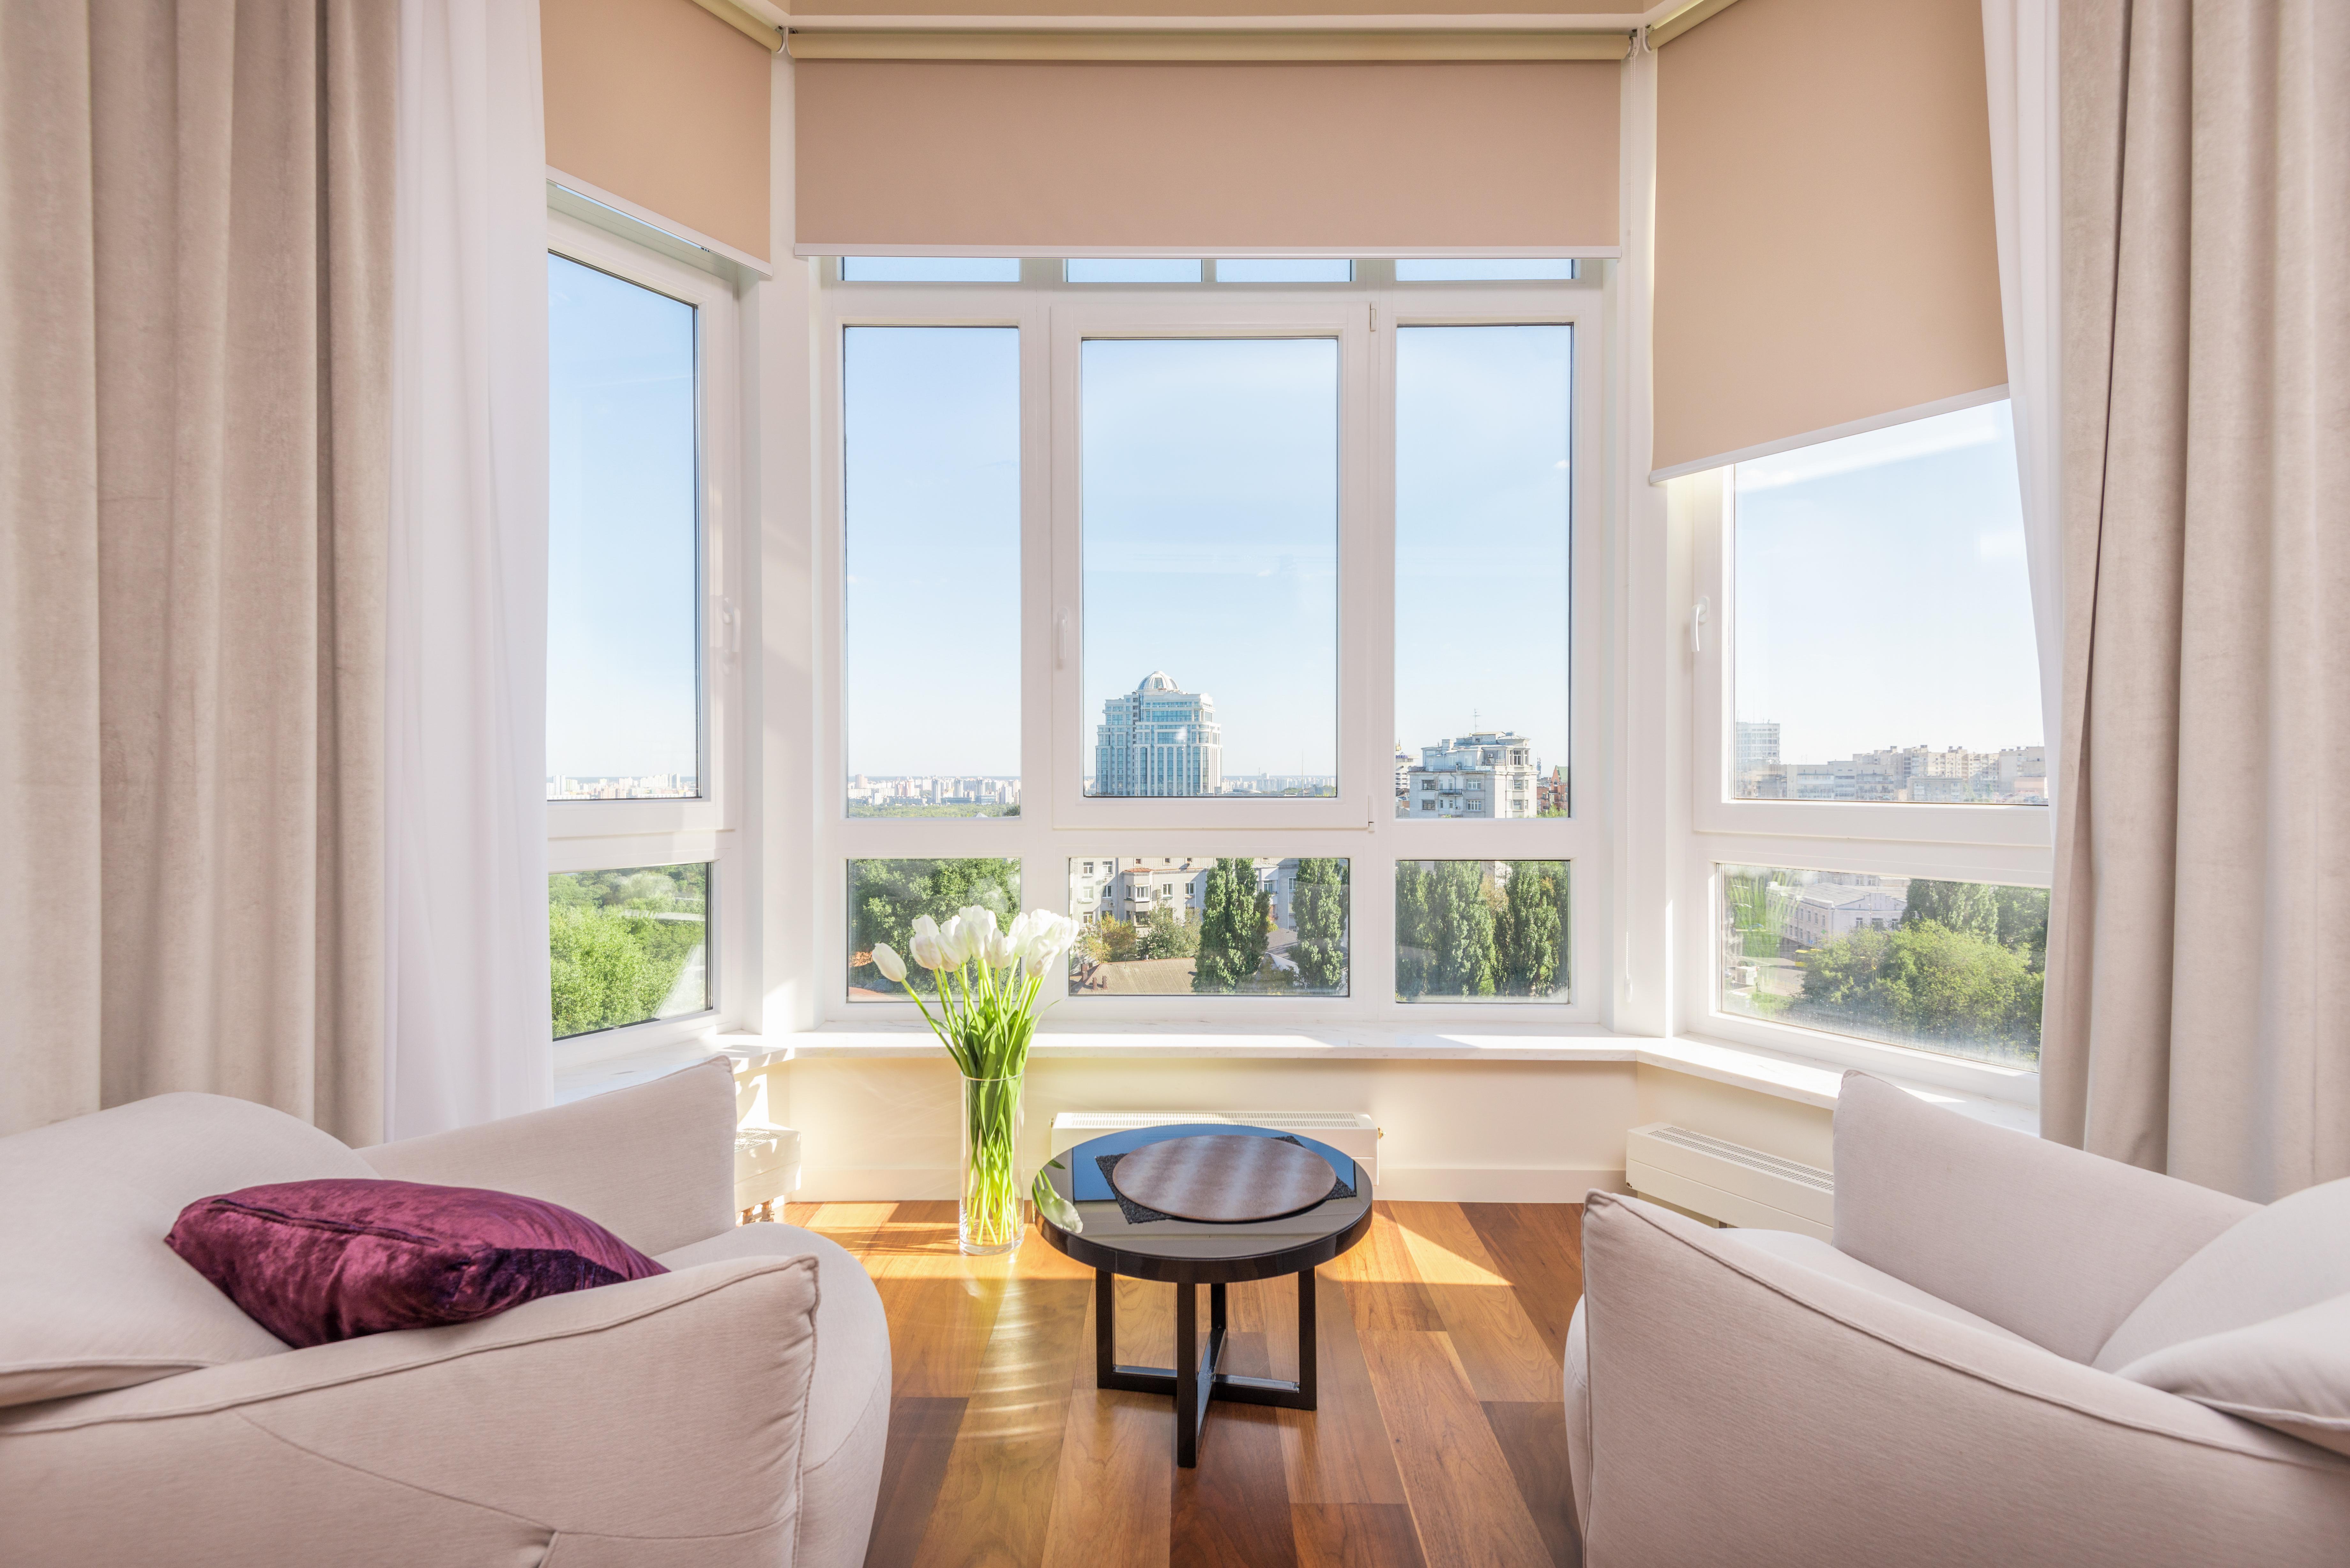 light room with big windows